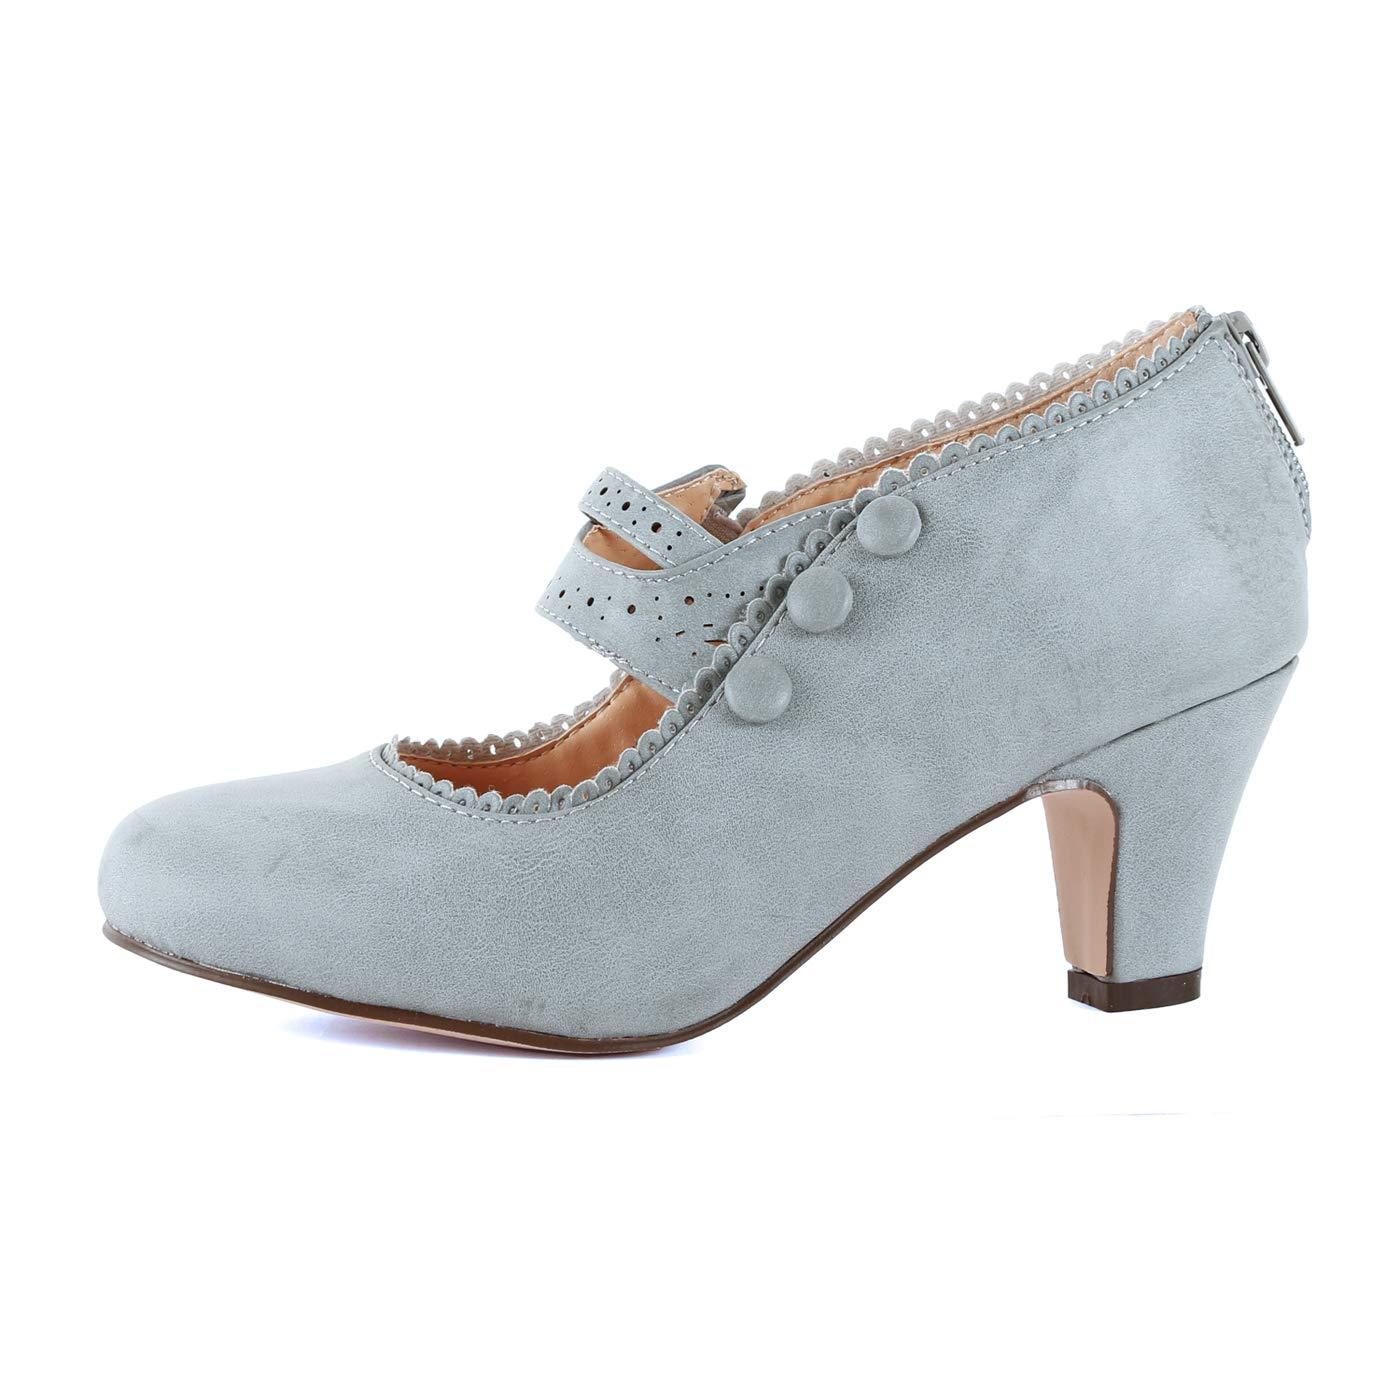 【お気にいる】 [Guilty Shoes] レディース B078H1LW7J Pu 8 B(M) US Greyv2 Pu 8 Greyv2 B078H1LW7J Pu 8 B(M) US, コウヤチョウ:0bd3f03a --- obara-daijiro.com